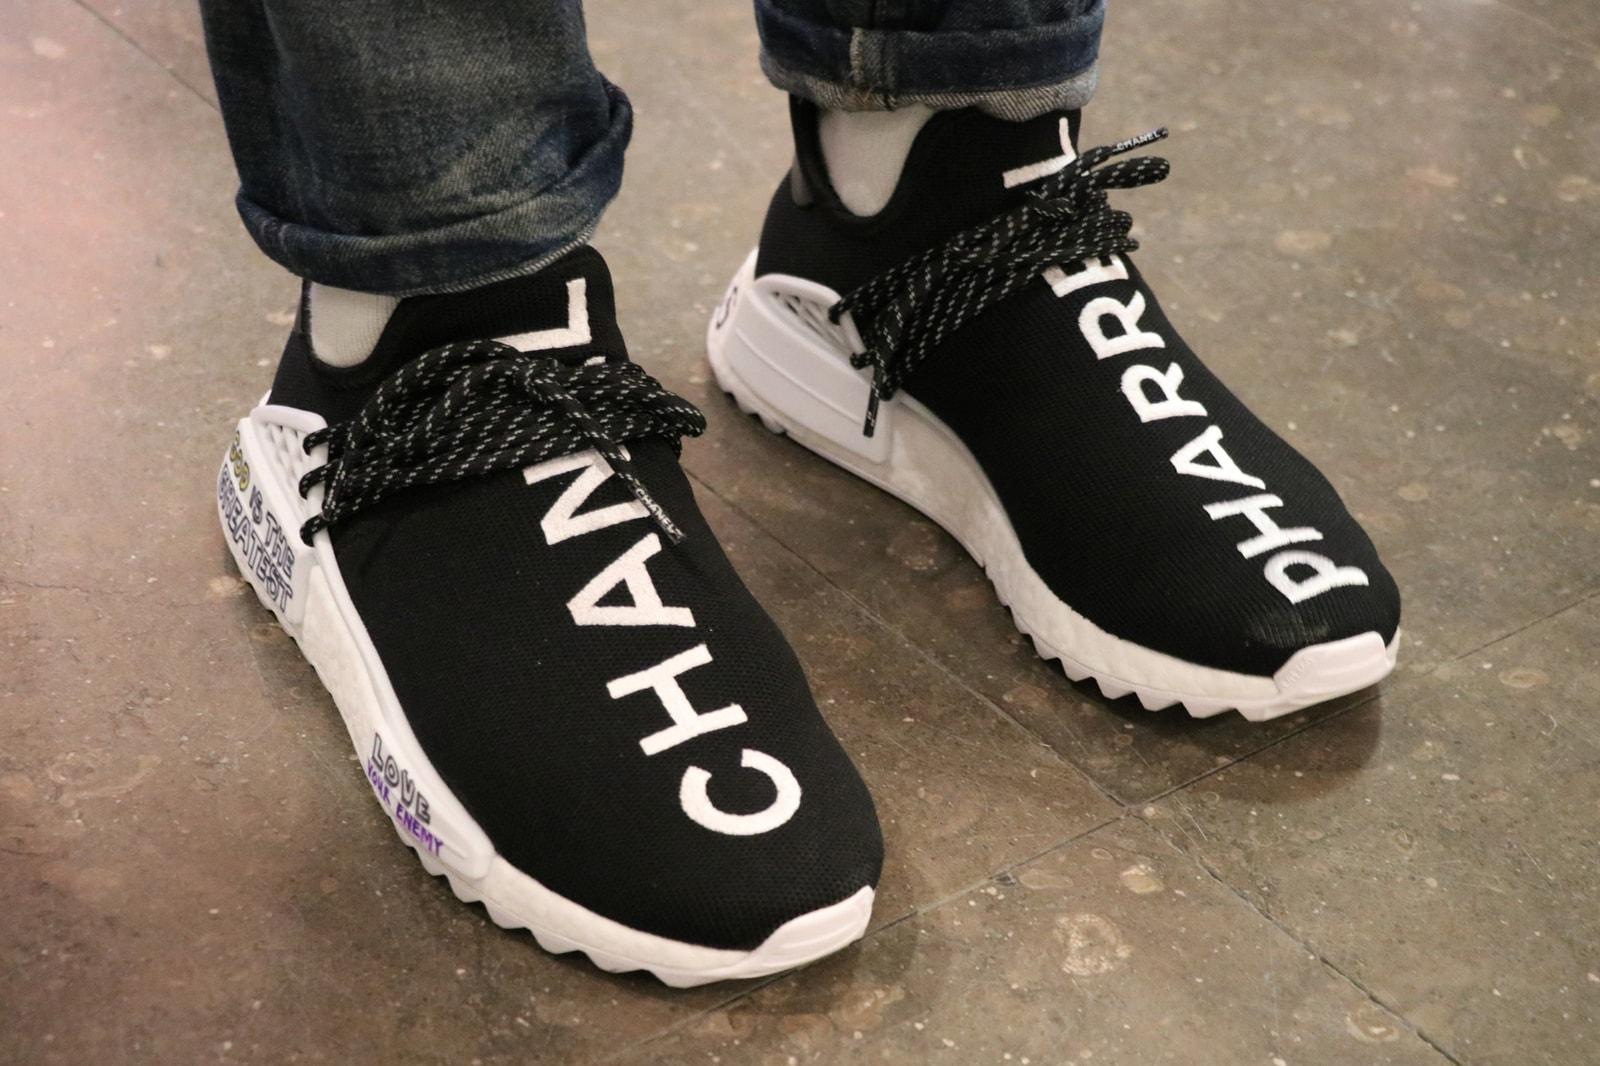 샤넬 아디다스 오리지널스 퍼렐 휴 nmd 착용 사진 chanel adidas originals pharrell hu nmd on feet 2017